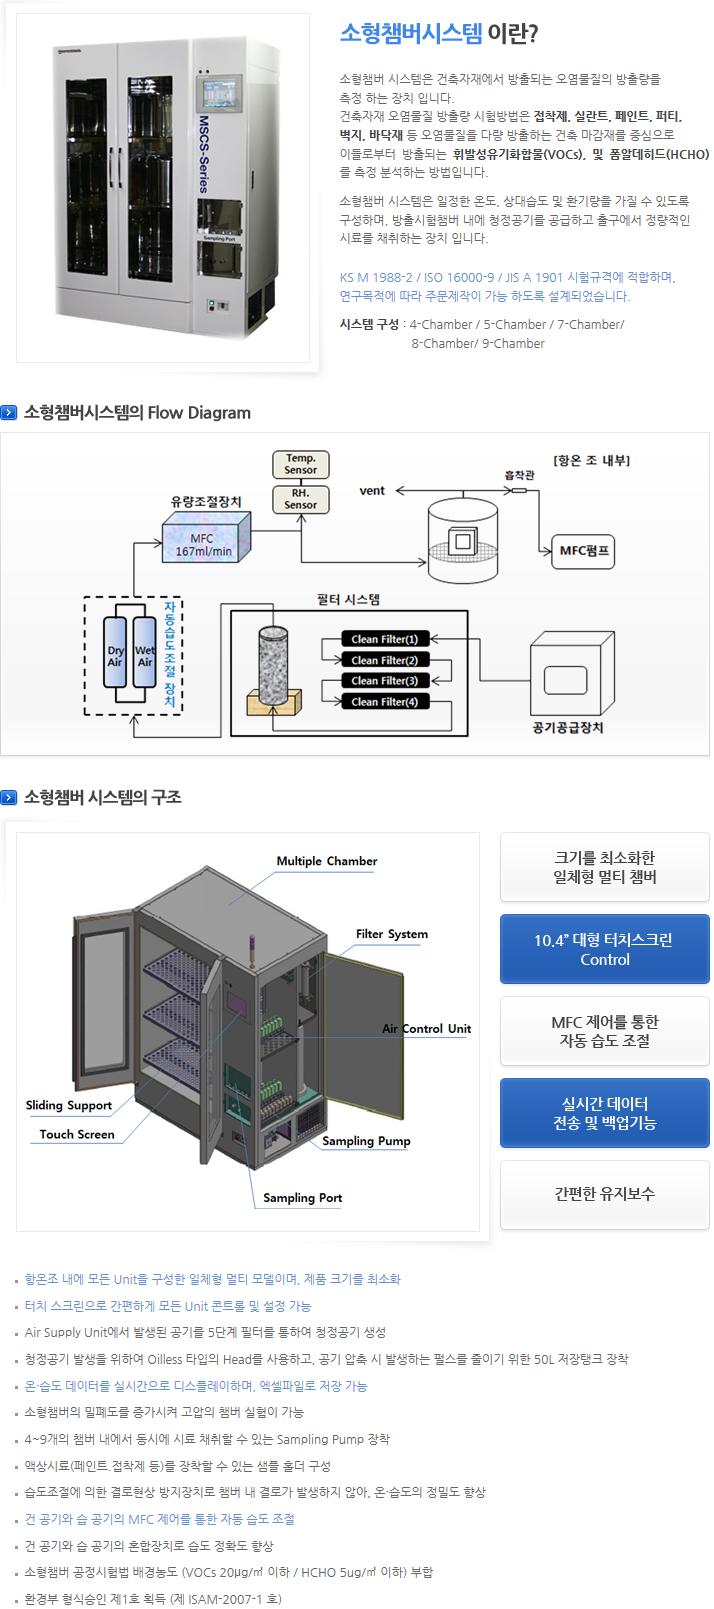 (주)탑트레이딩이엔지 소형챔버시스템  2